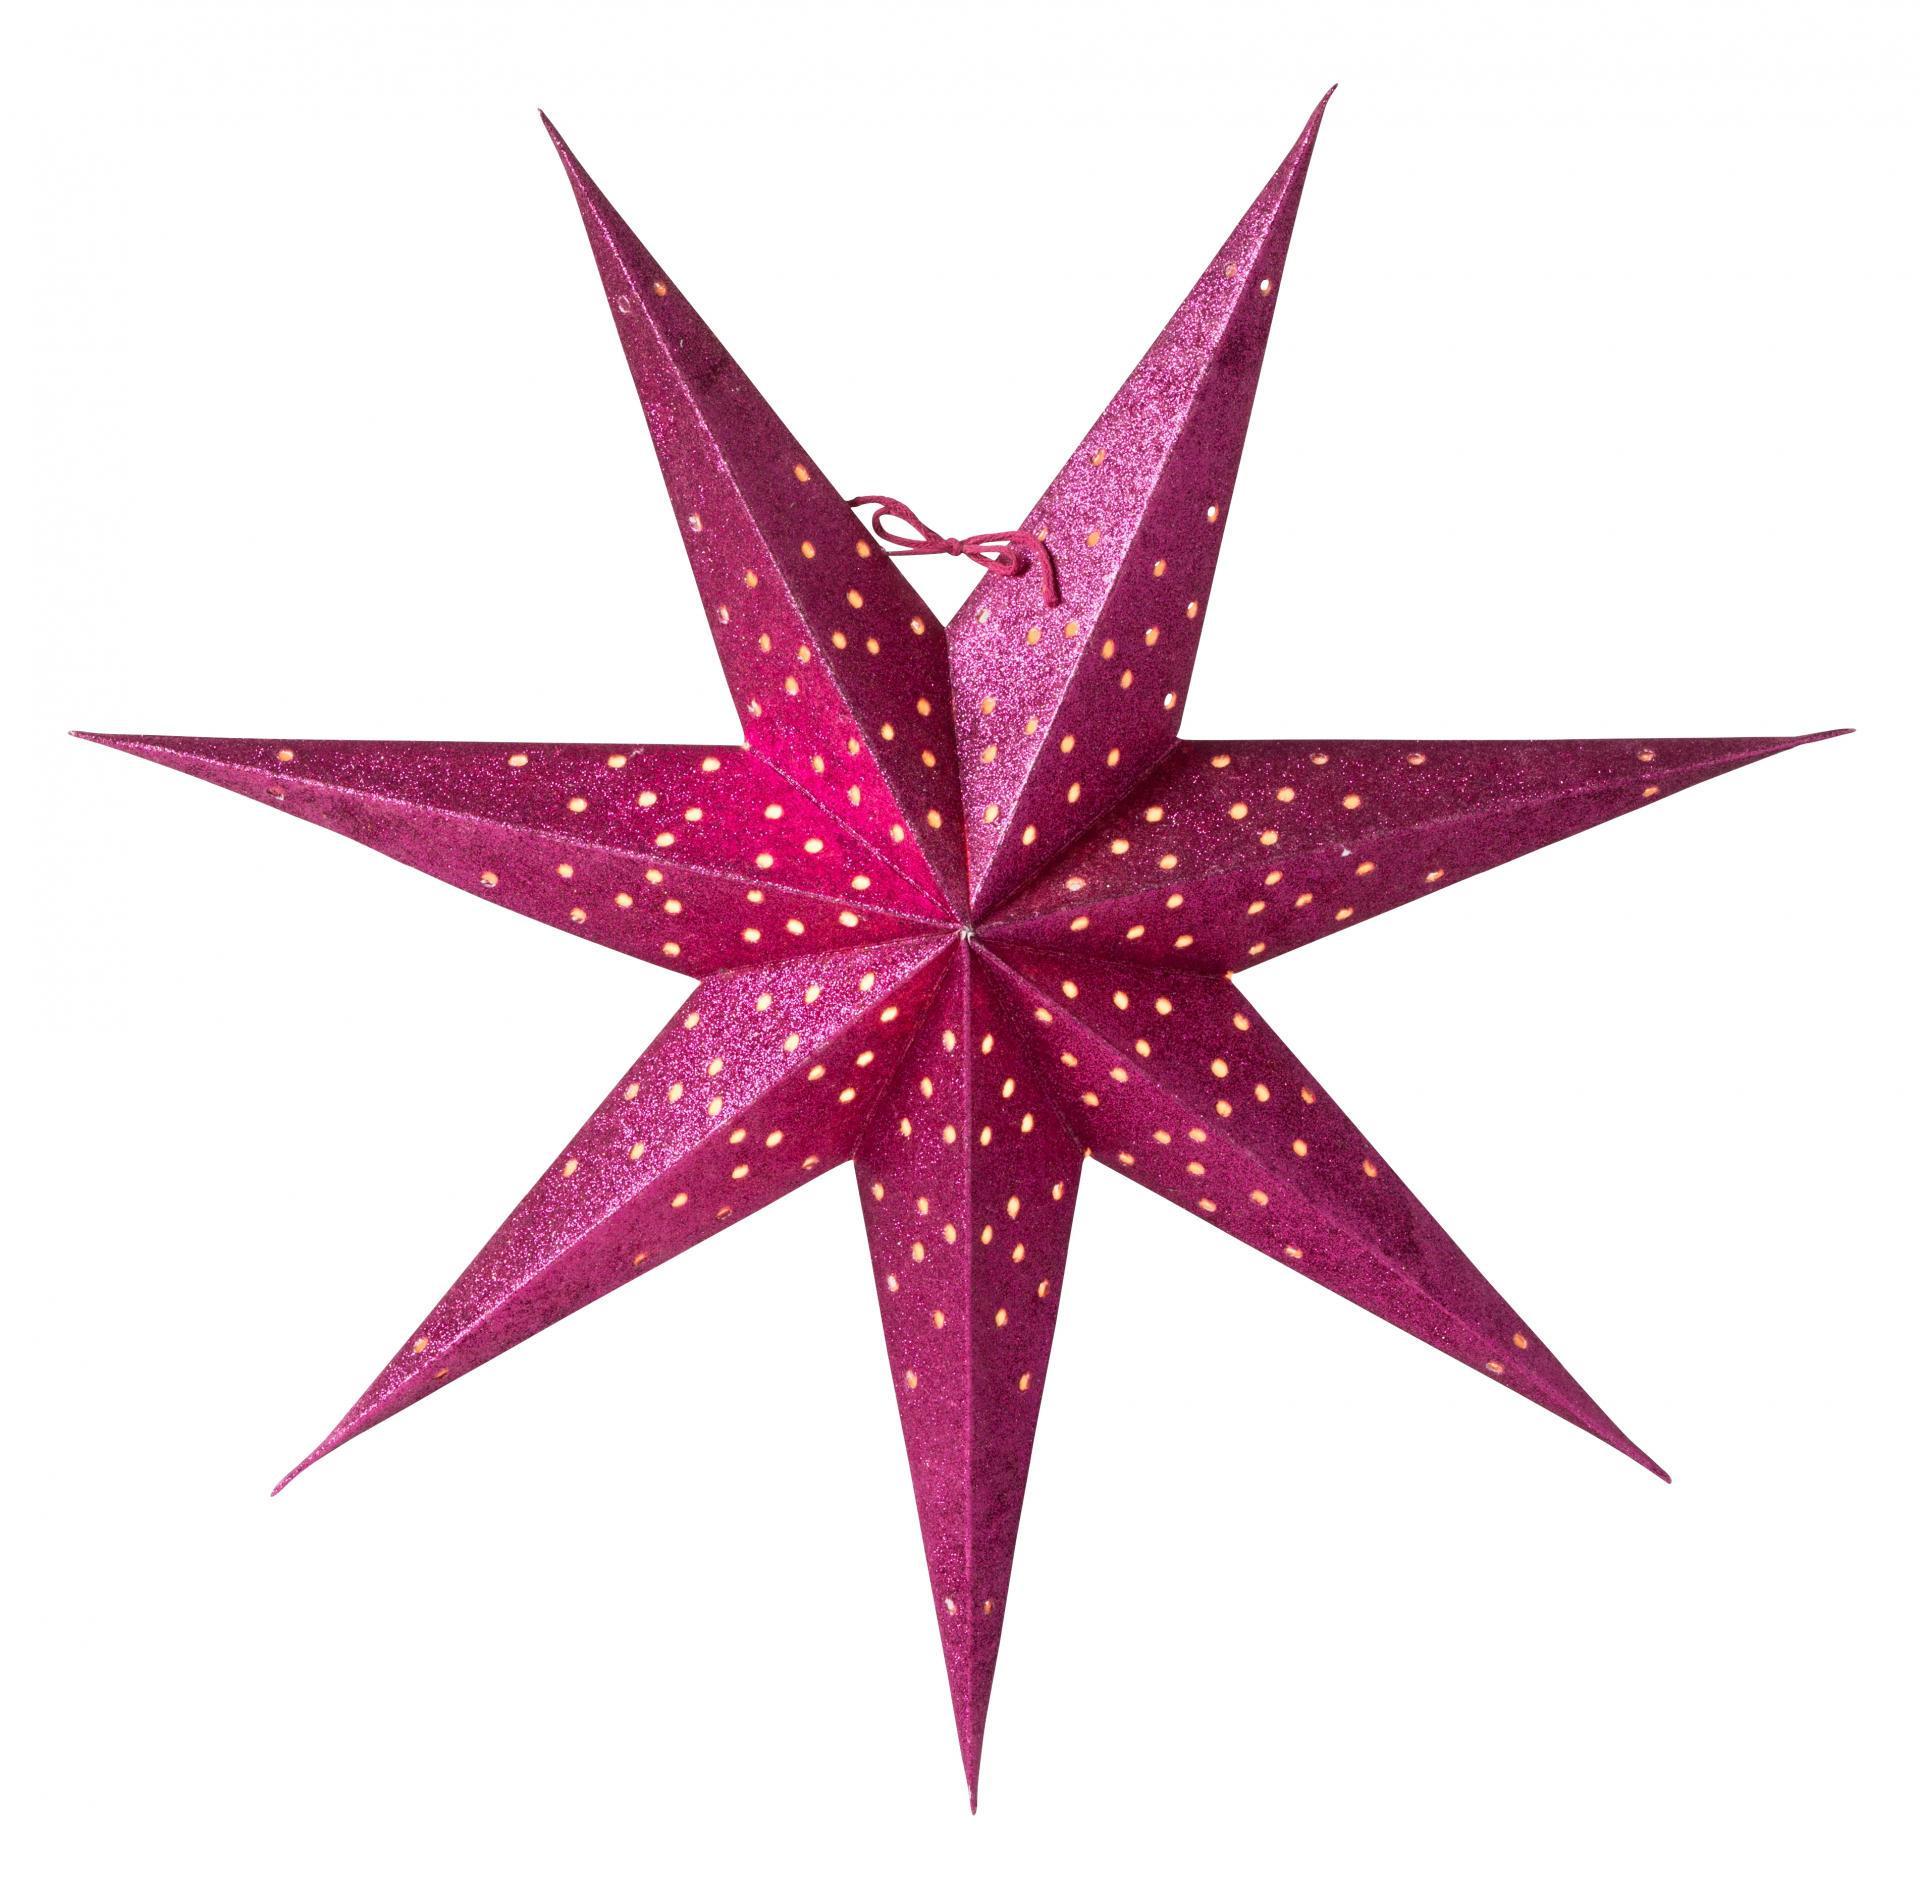 watt & VEKE Závěsná svítící hvězda Donna Cerise 60 cm, růžová barva, papír